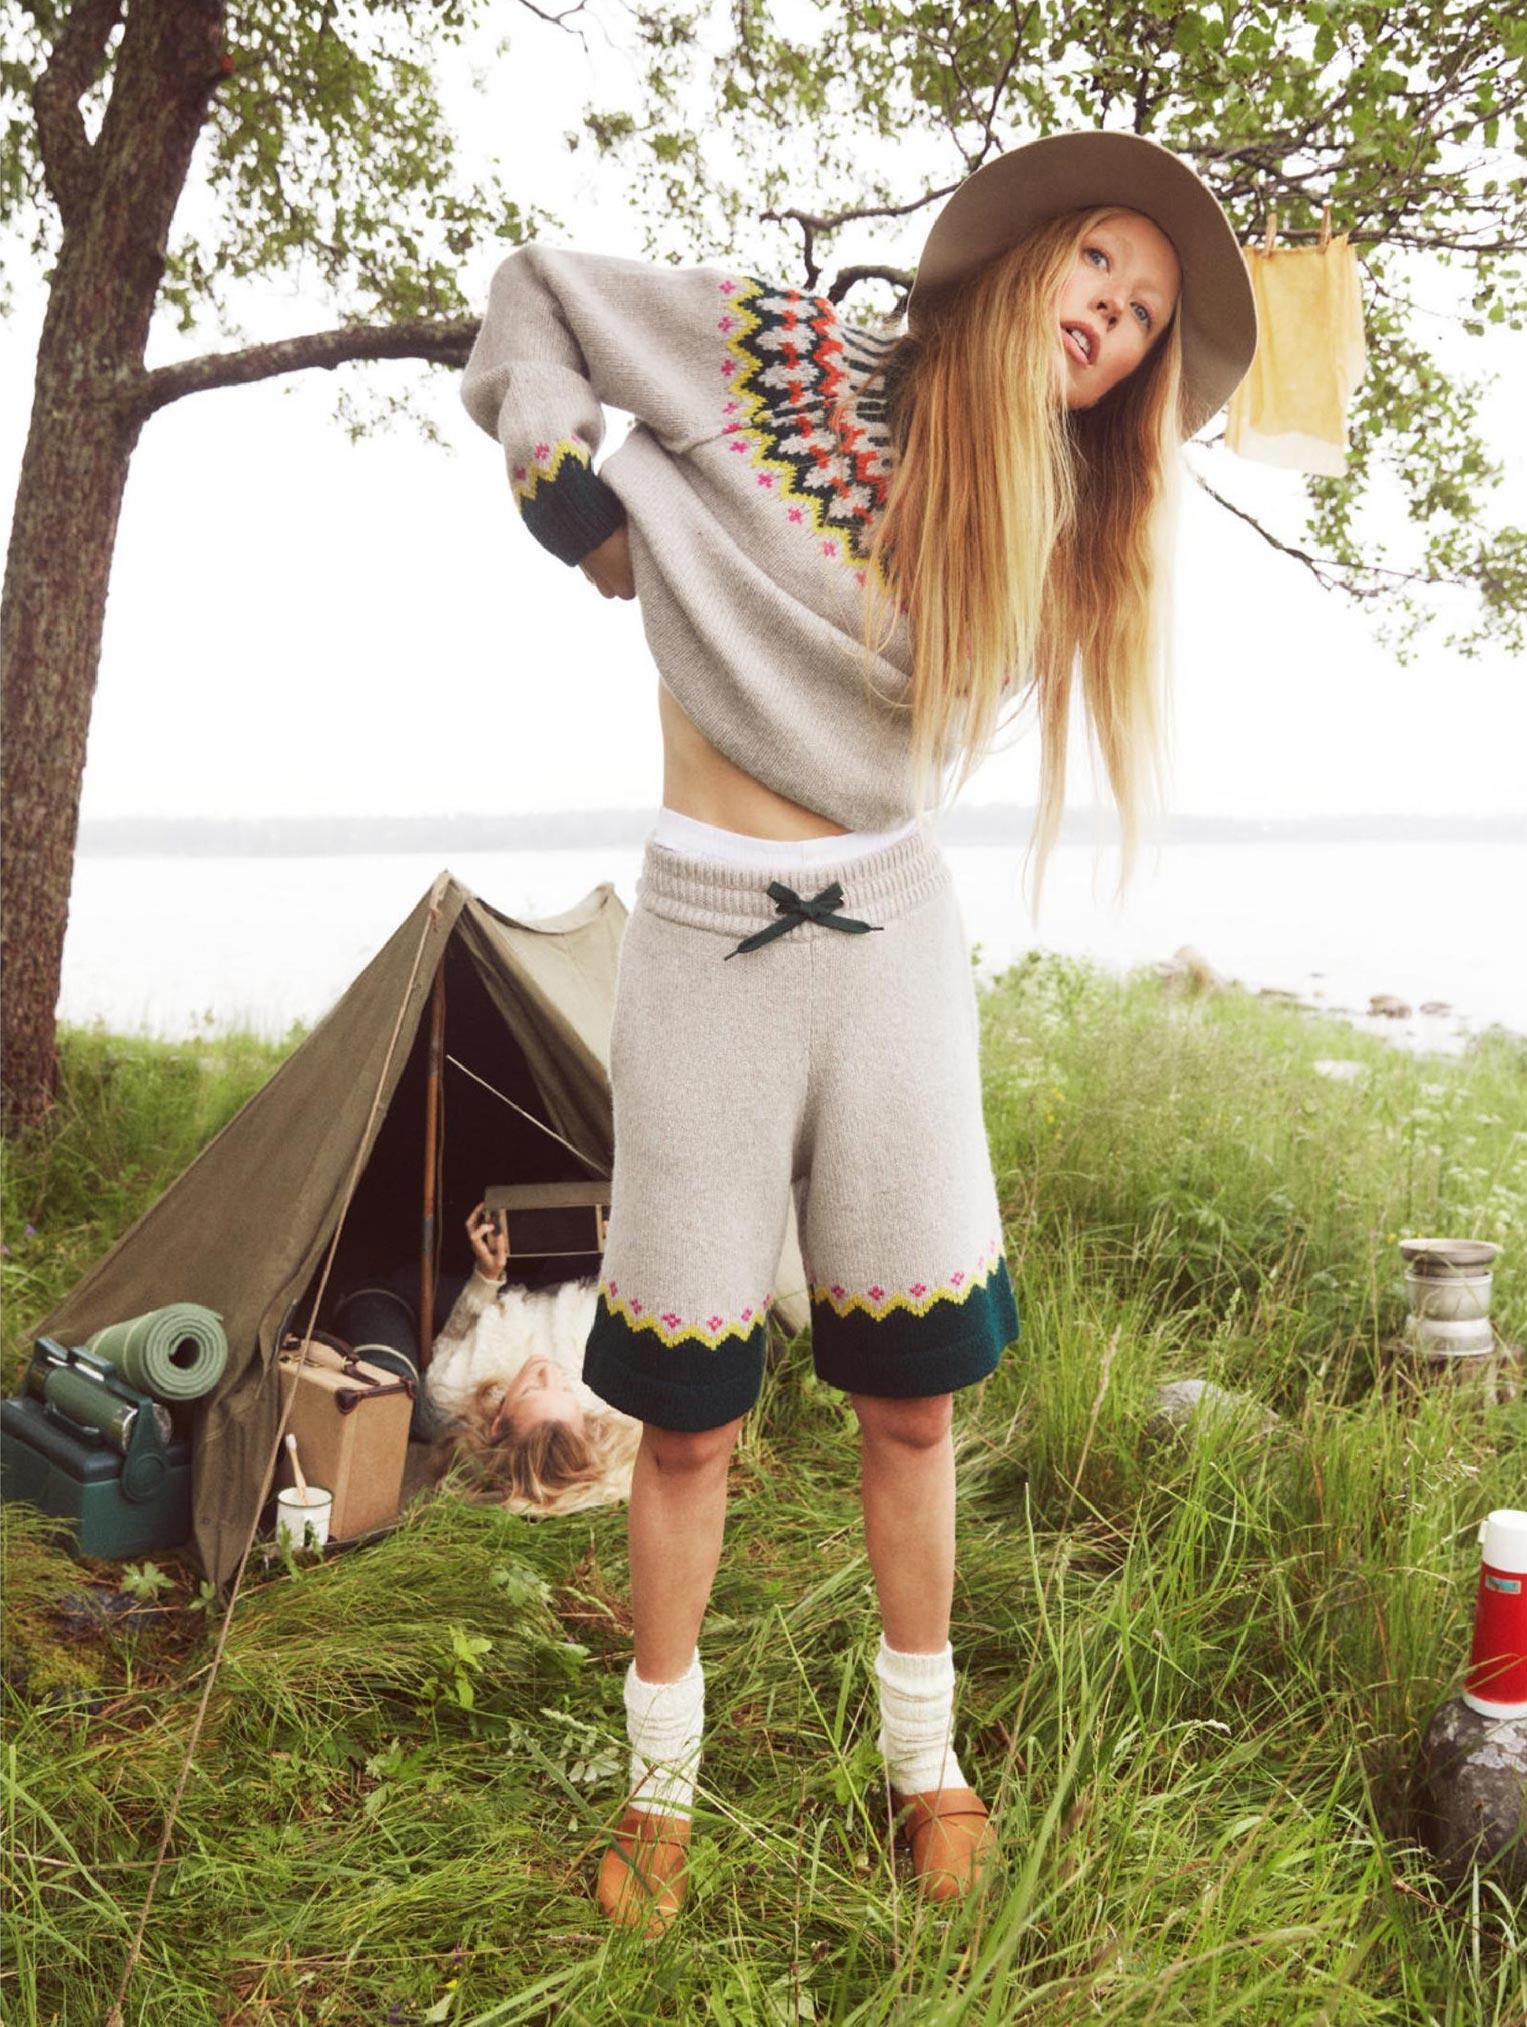 Бразильская модель в гостях у шведской - Эрика Линдер и Ракель Циммерман / фото 12